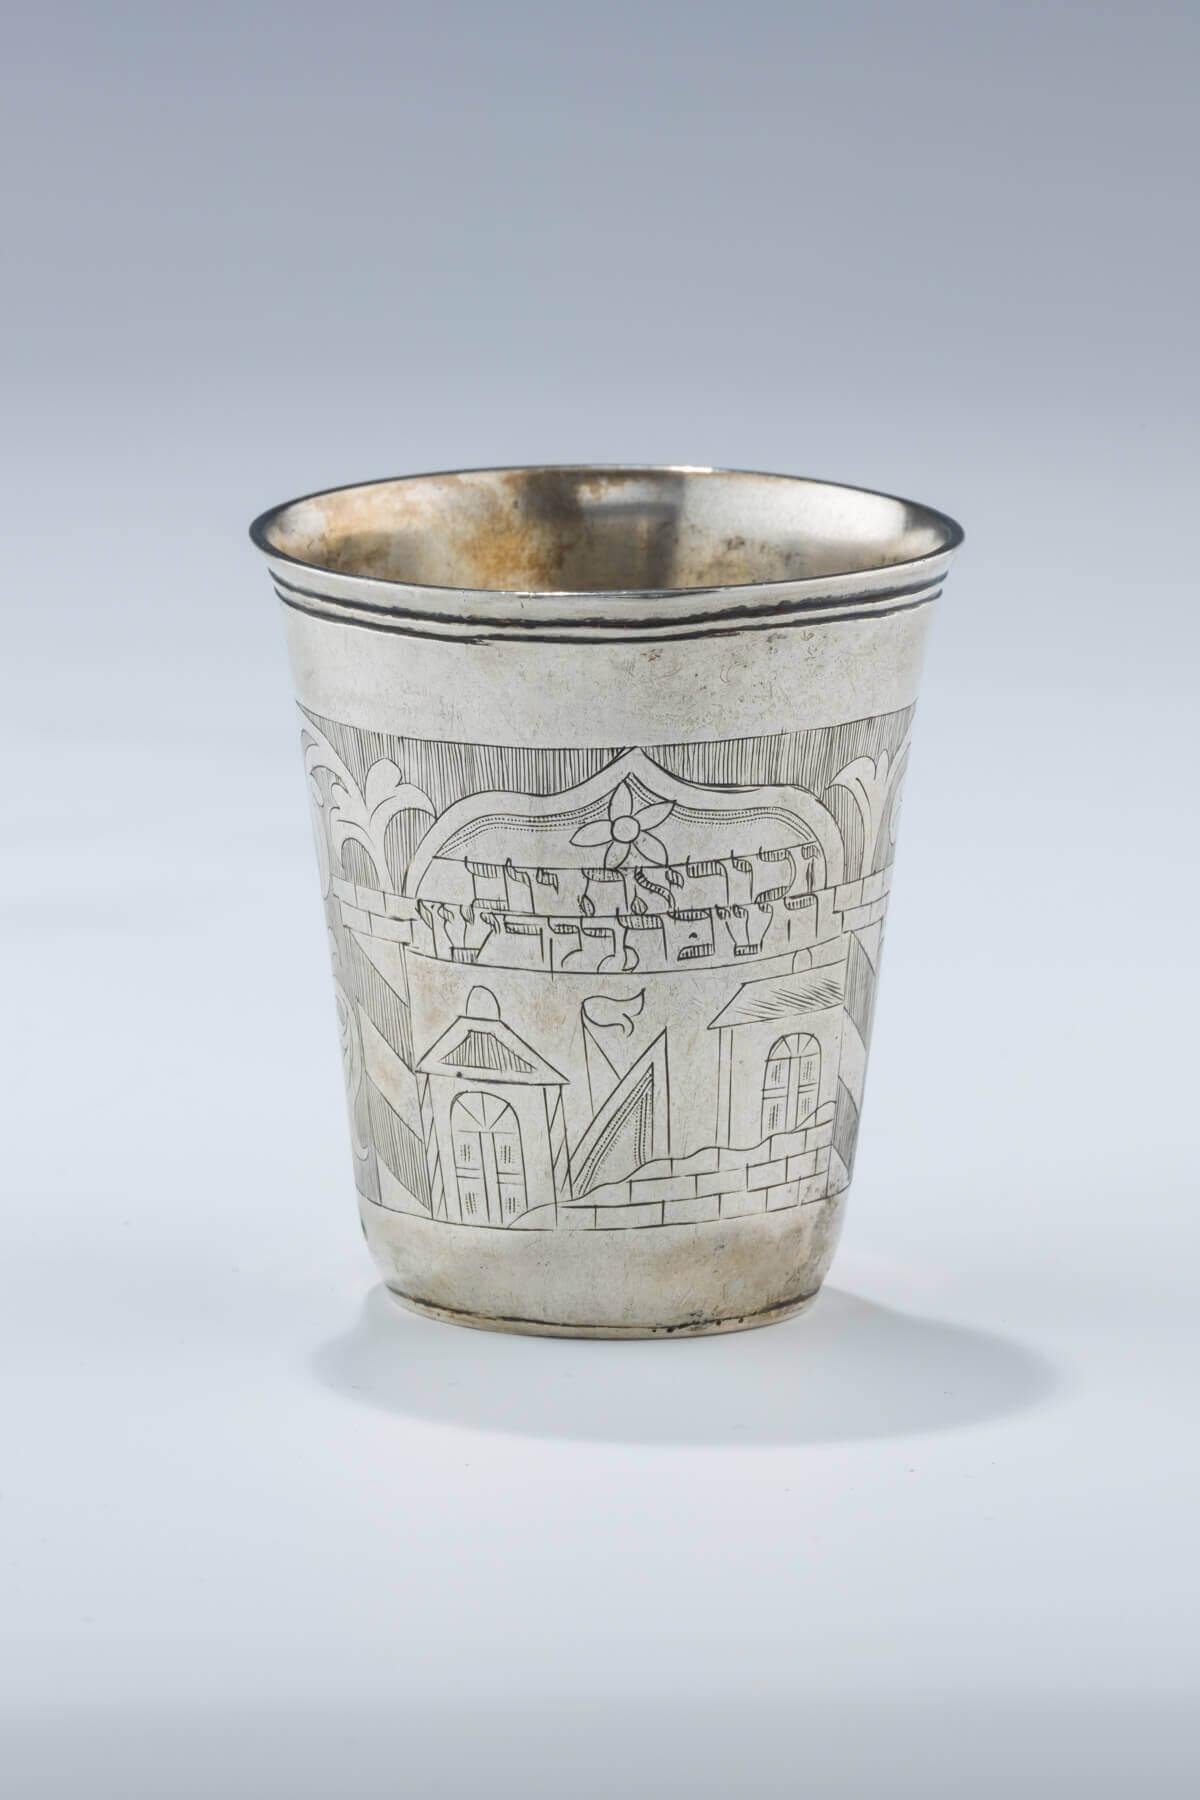 030. A SILVER KIDDUSH CUP